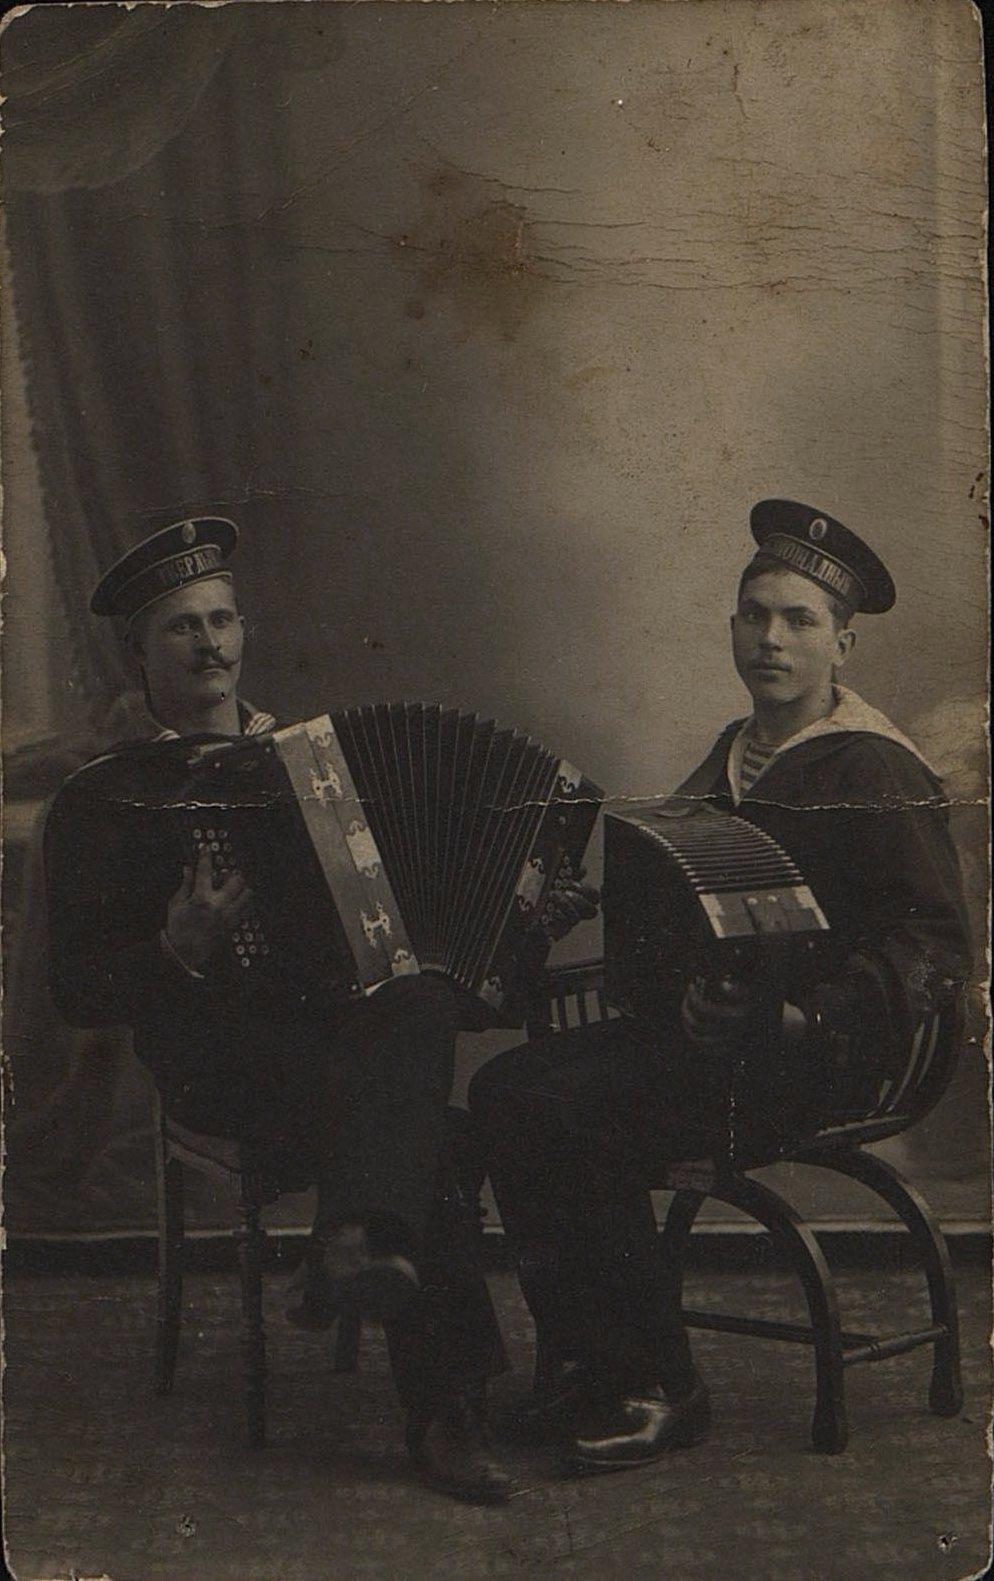 Короткевич Иван Наумович, матрос миноносца Твёрдый, и его неизвестный товарищ, матрос корабля Беспощадный. 1915